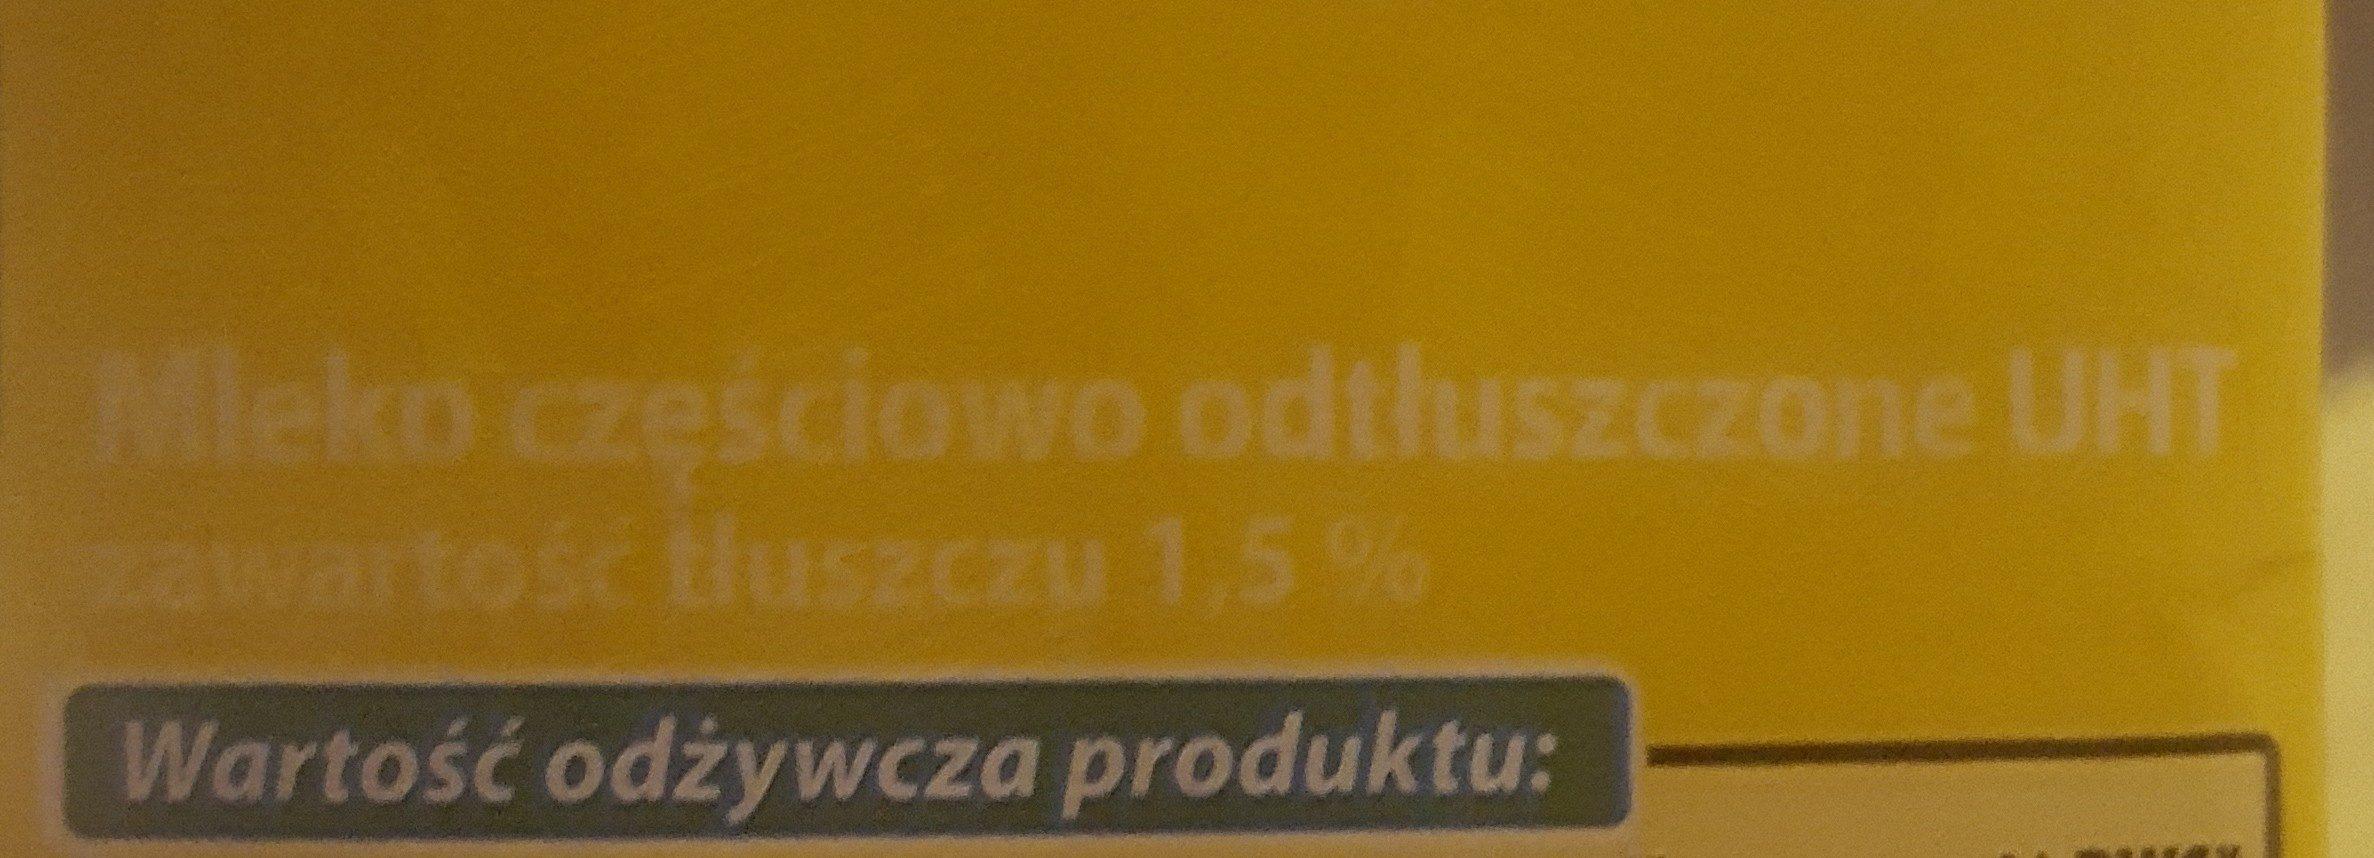 Mleko 1,5% - Ingrédients - fr